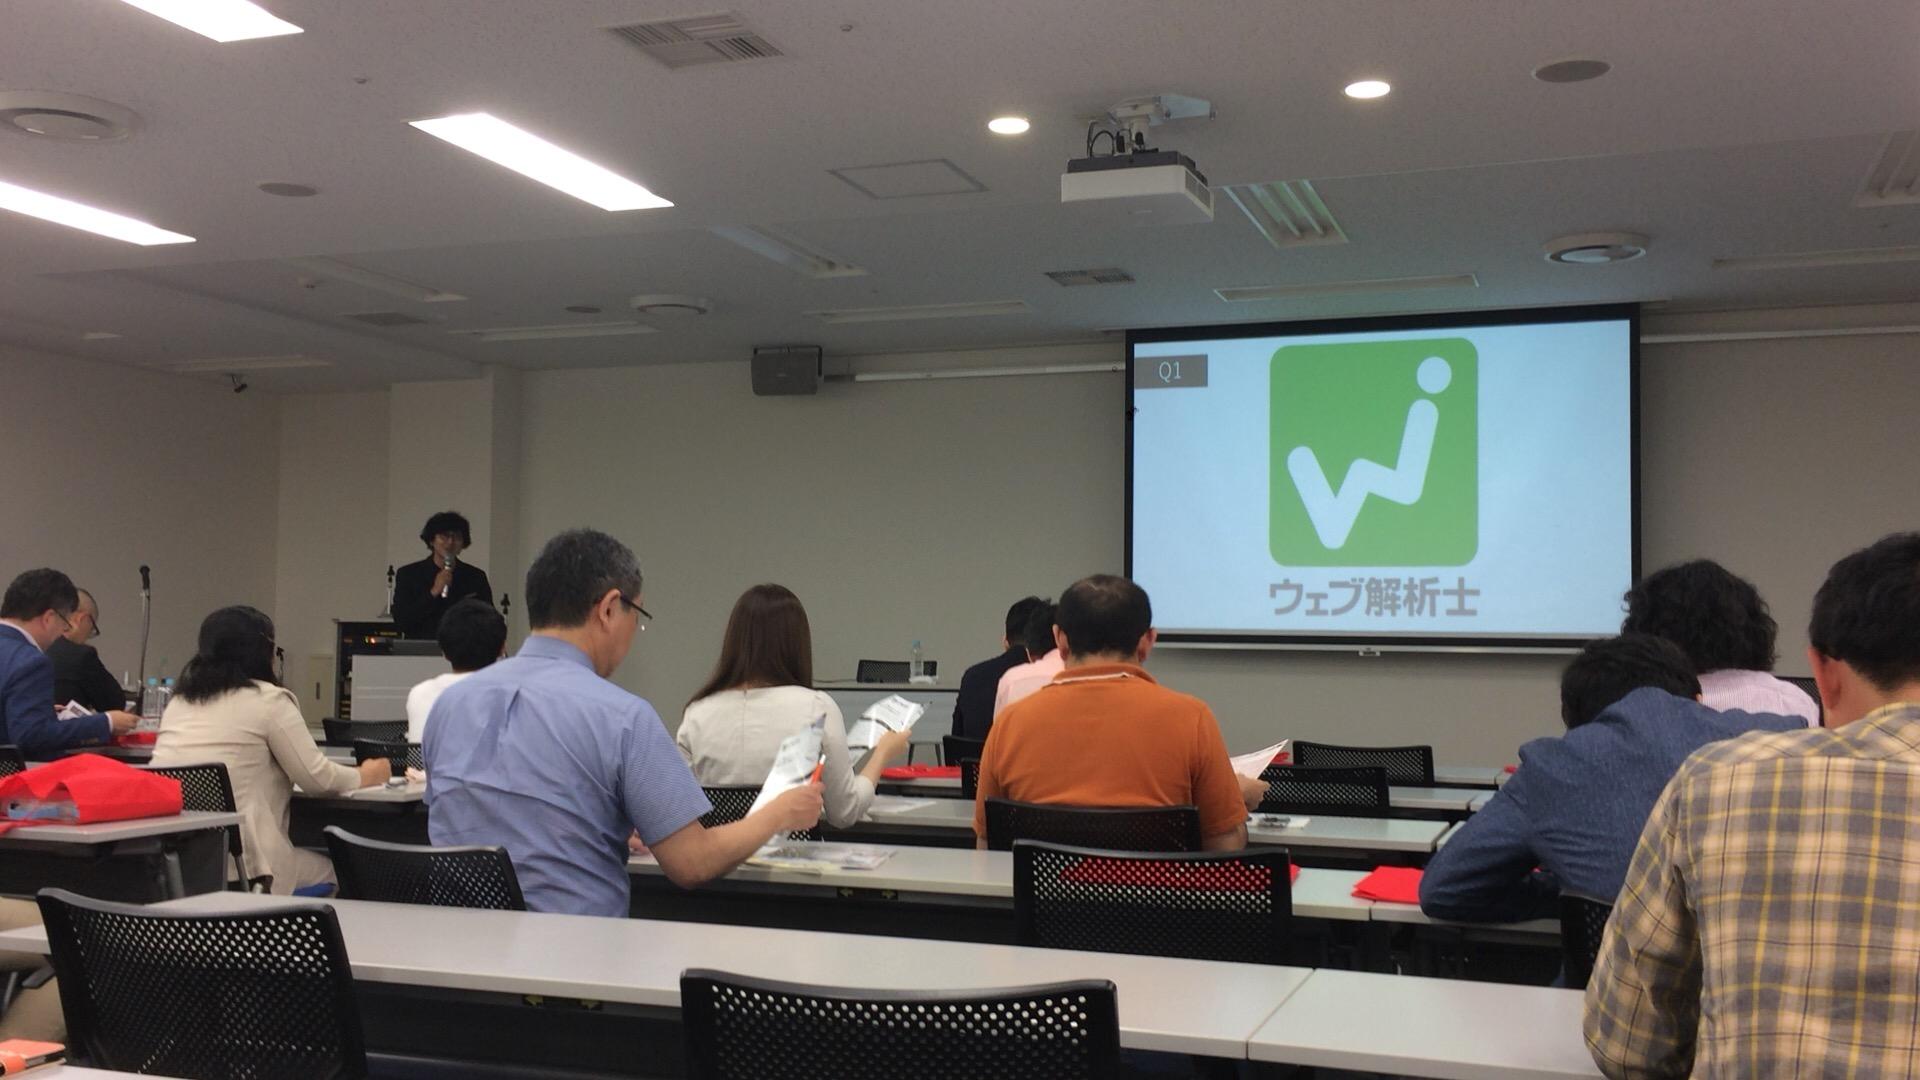 「ネットショップ担当者フォーラム&Web担当者Forumミーティングin 札幌」に参加しました!